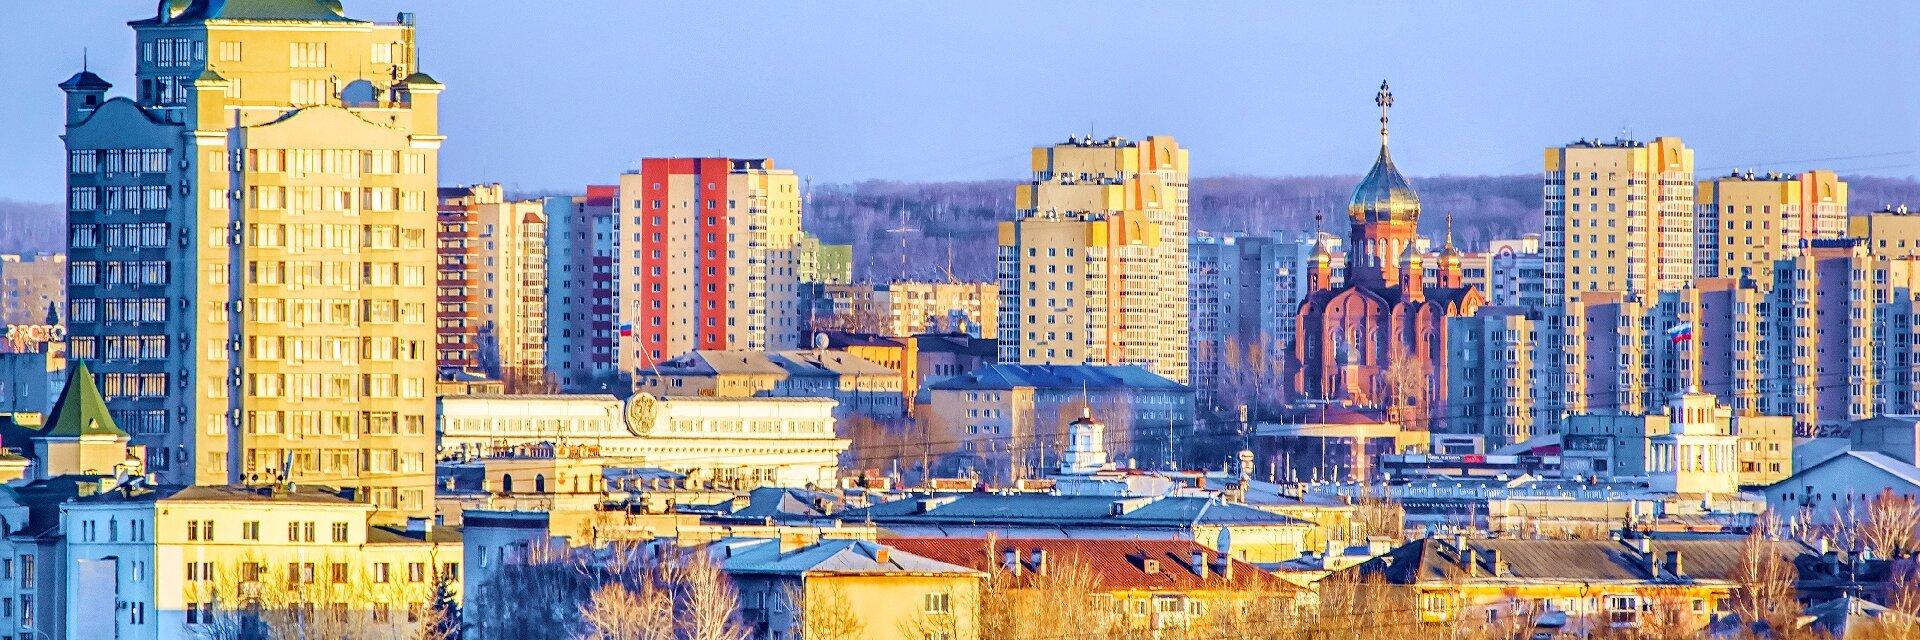 Поиск отелей в Кемерове